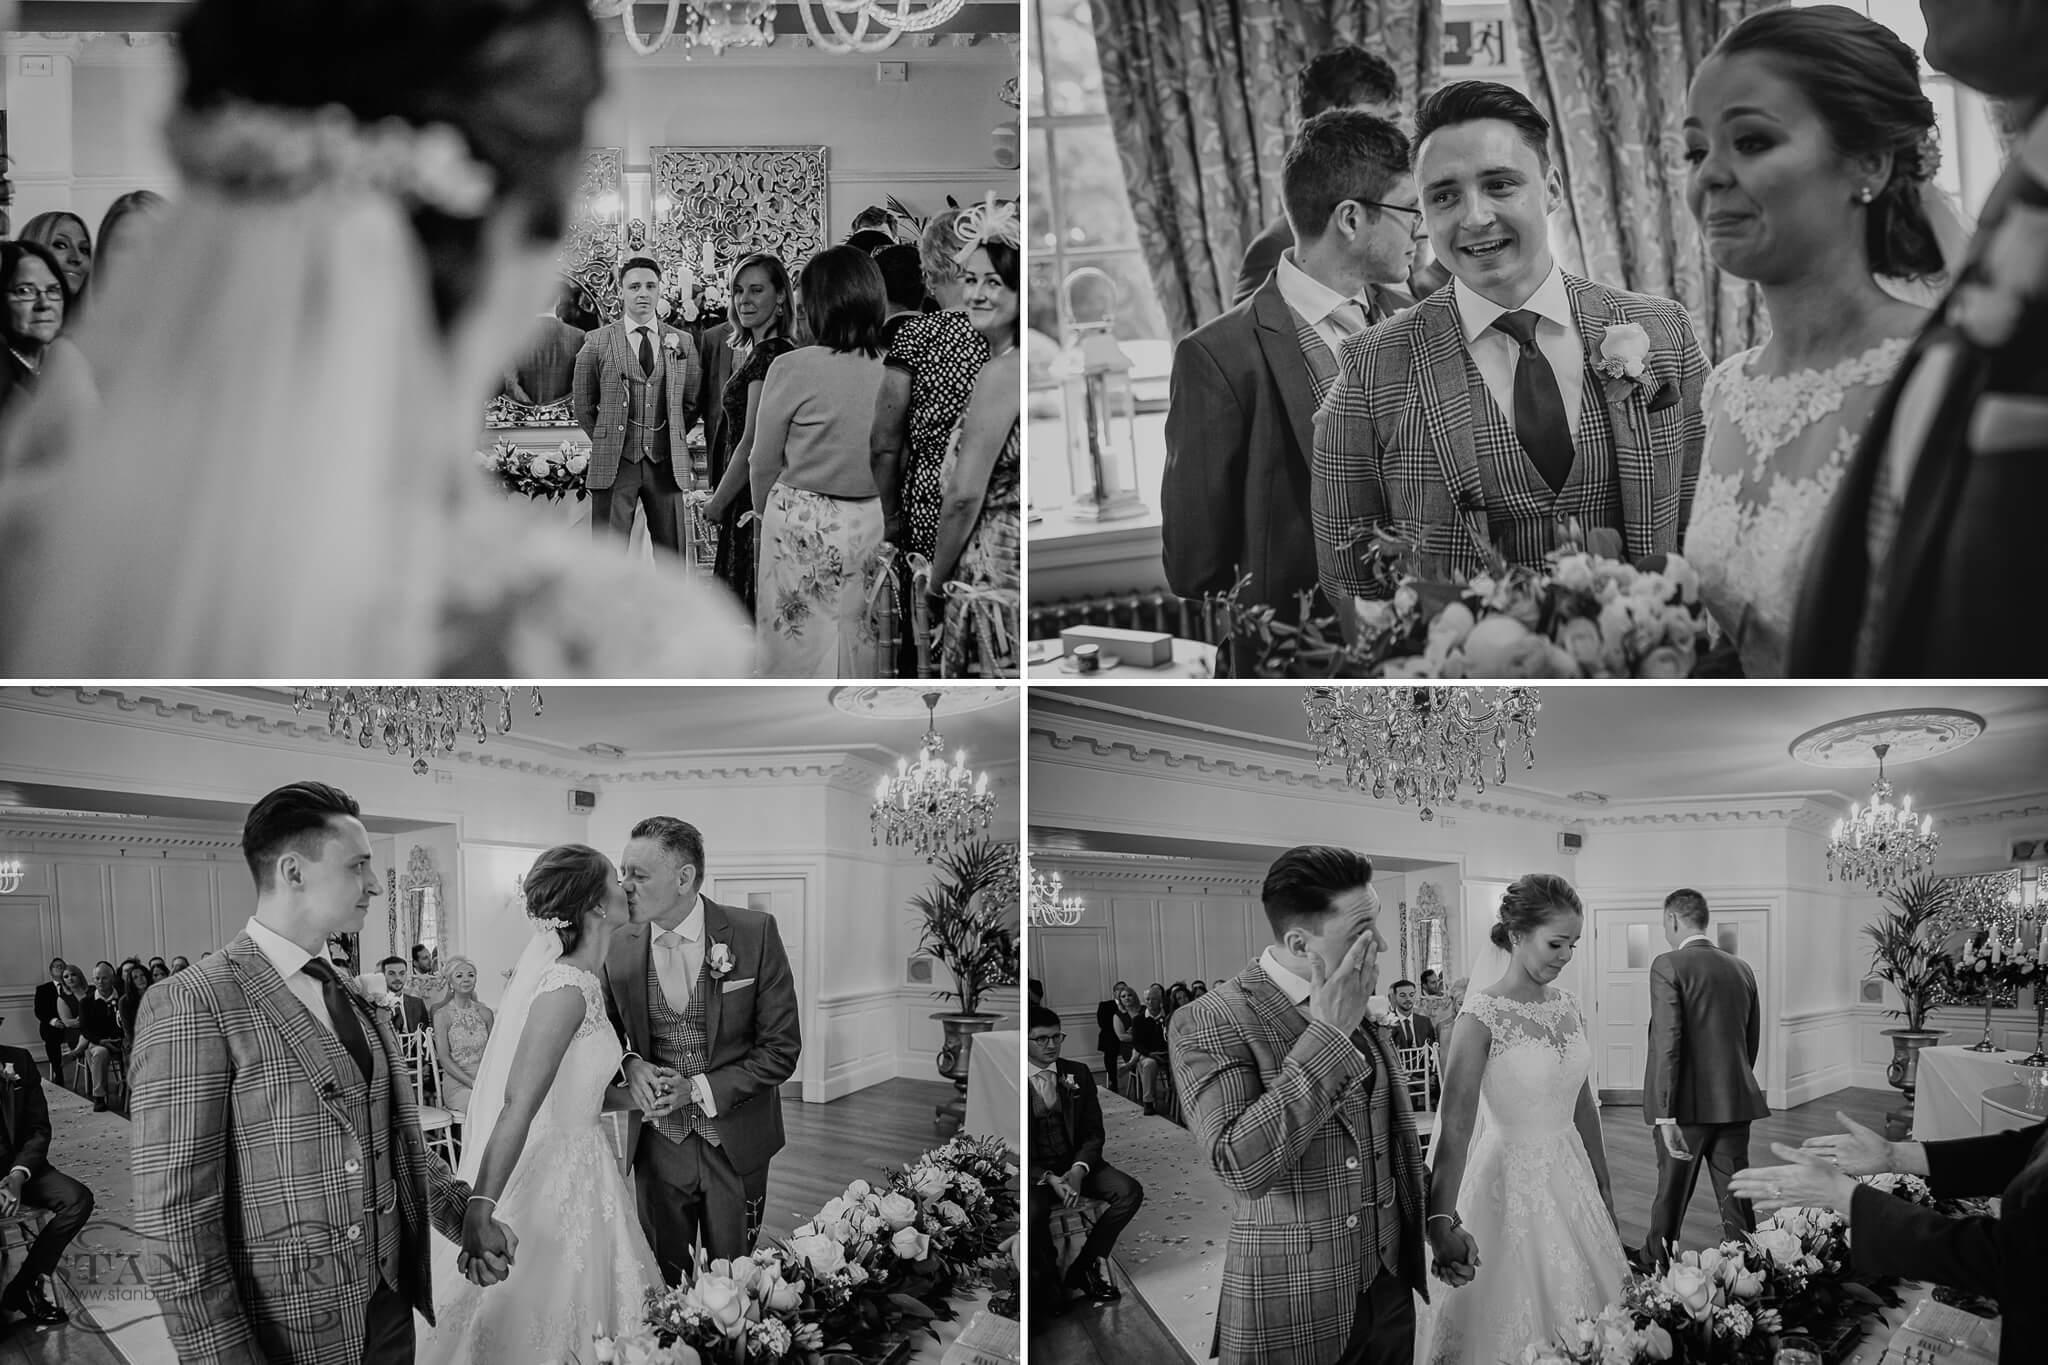 eaves-hall-wedding-photography-009